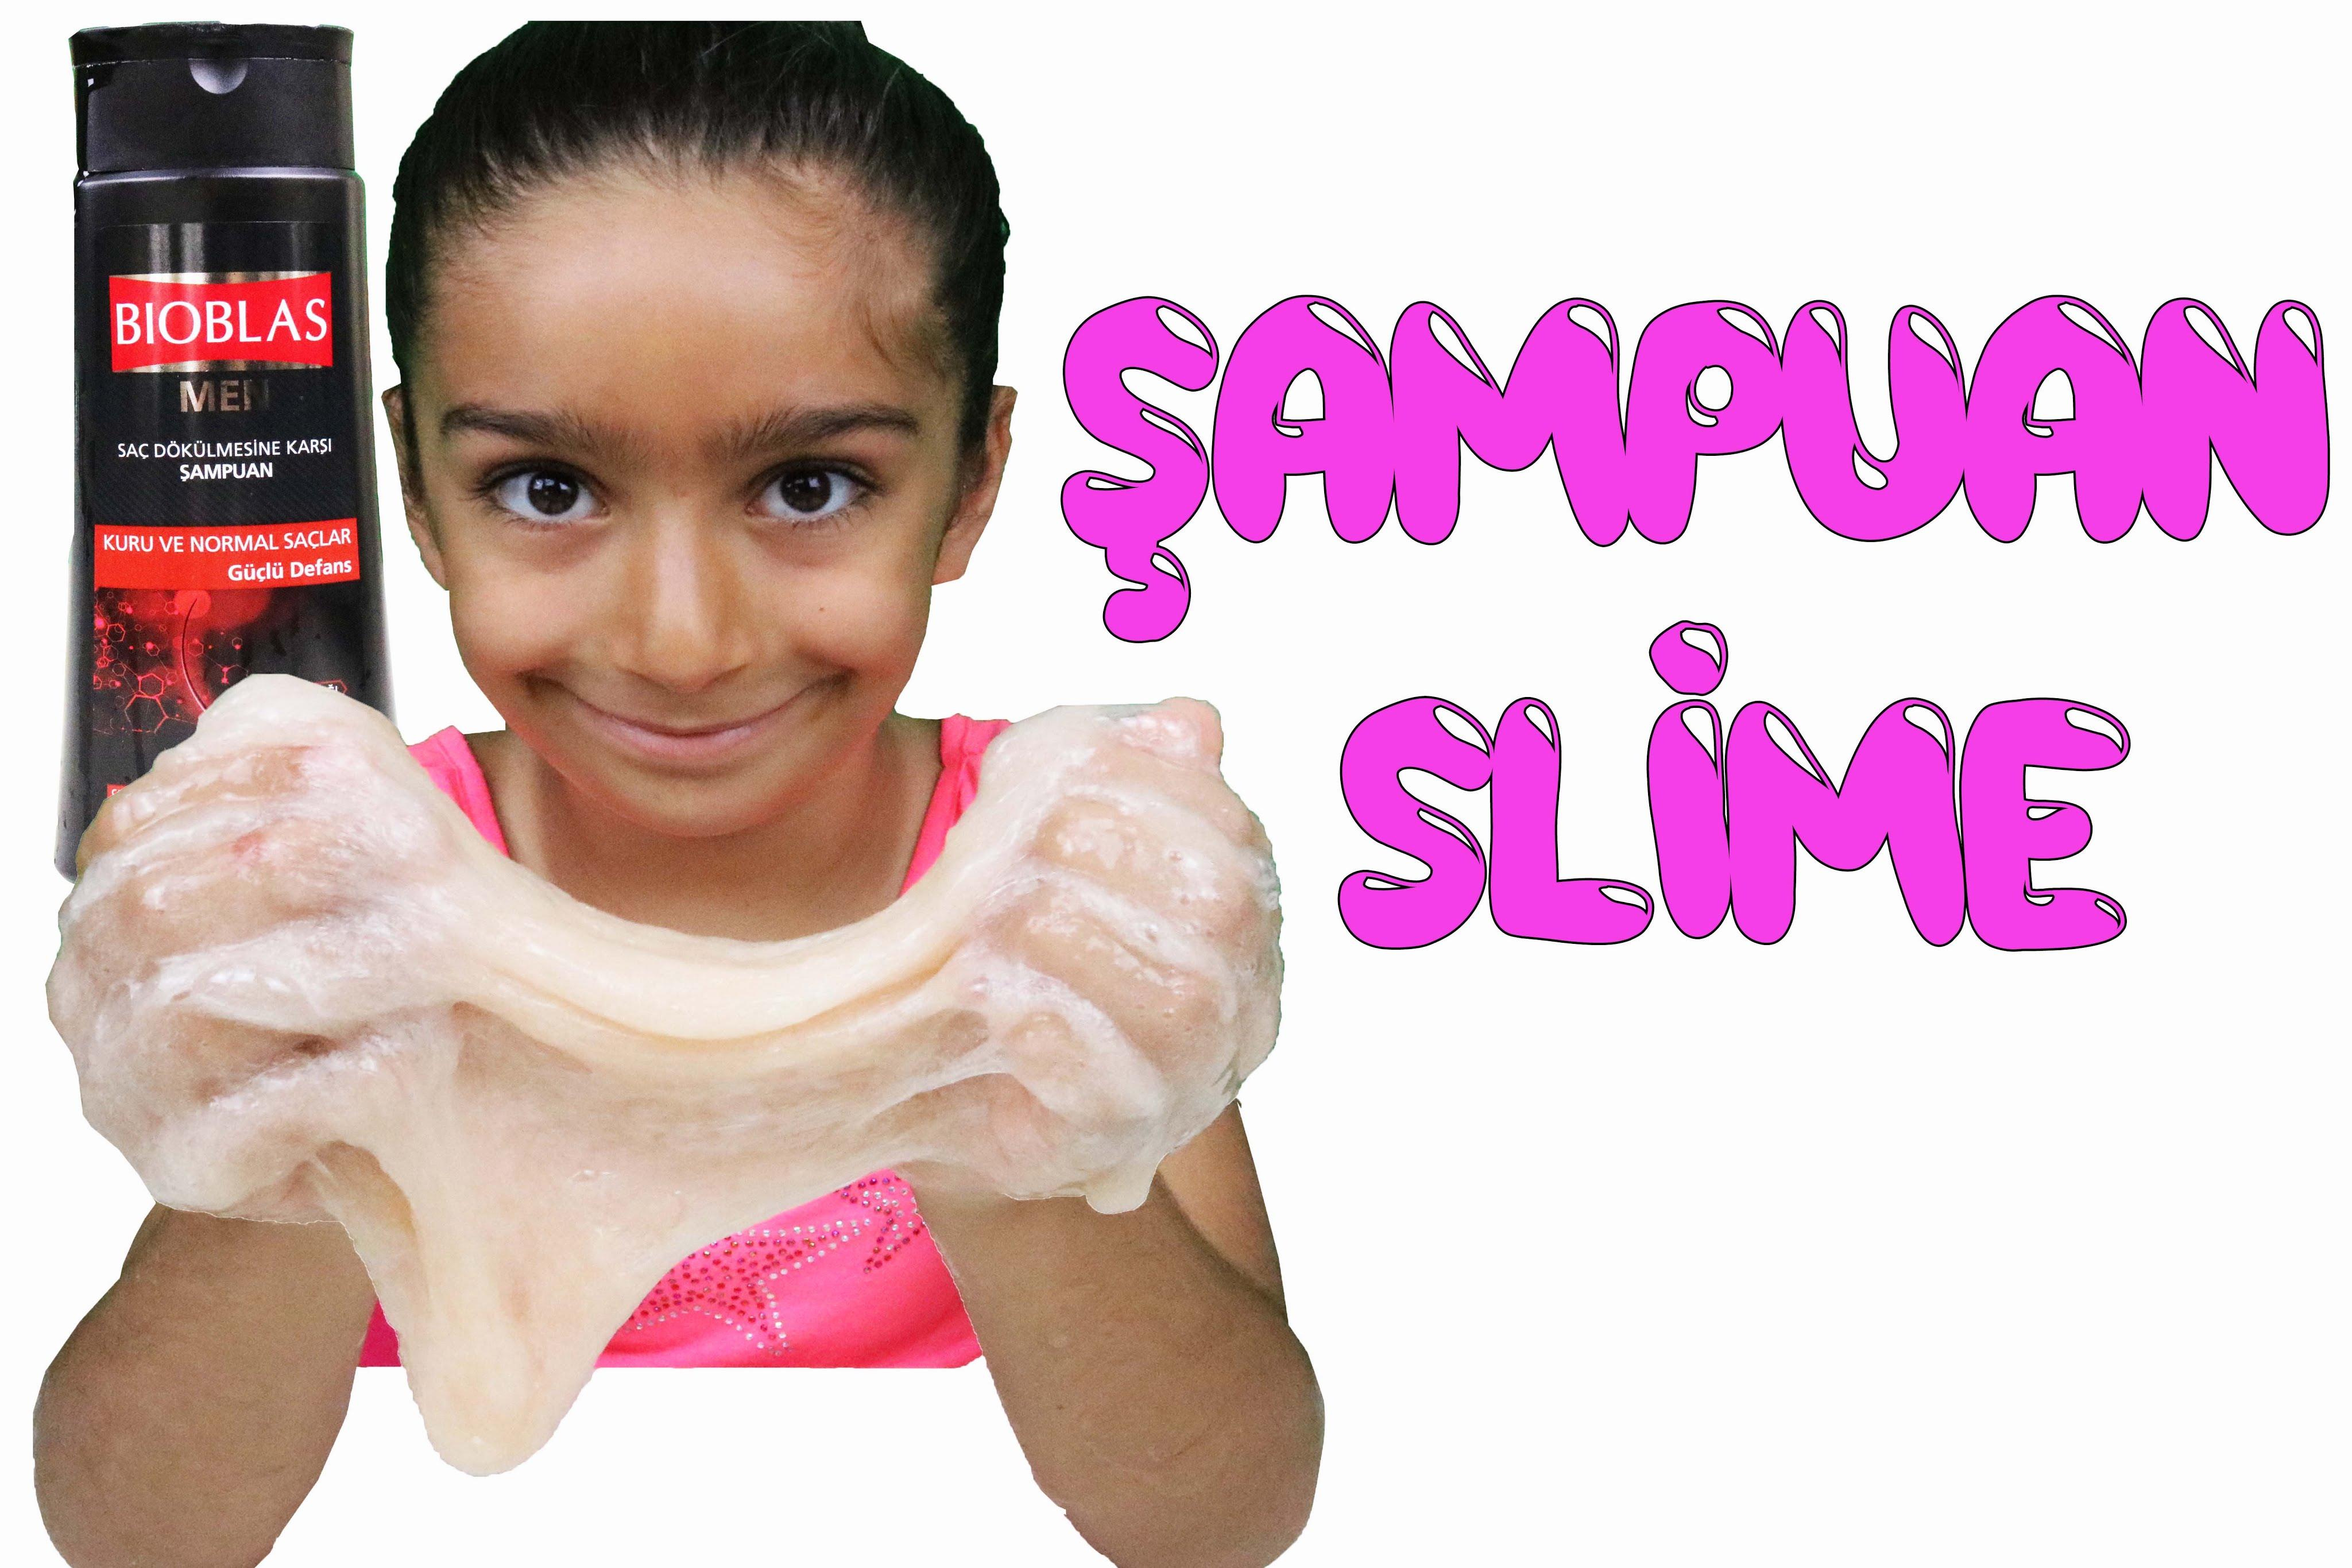 Şampuan Ile Slime Nasıl Yapılır Evde Slime Yapımı